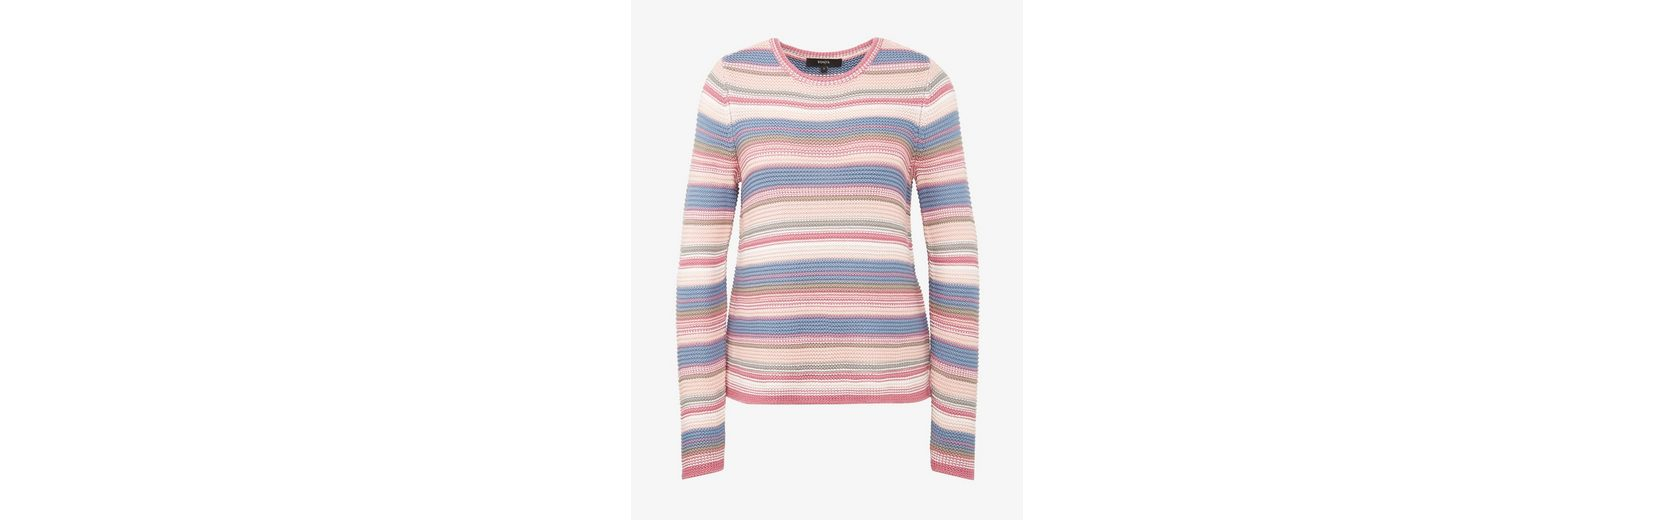 BONITA Sweatshirt Footlocker Abbildungen Günstig Online nZbRy